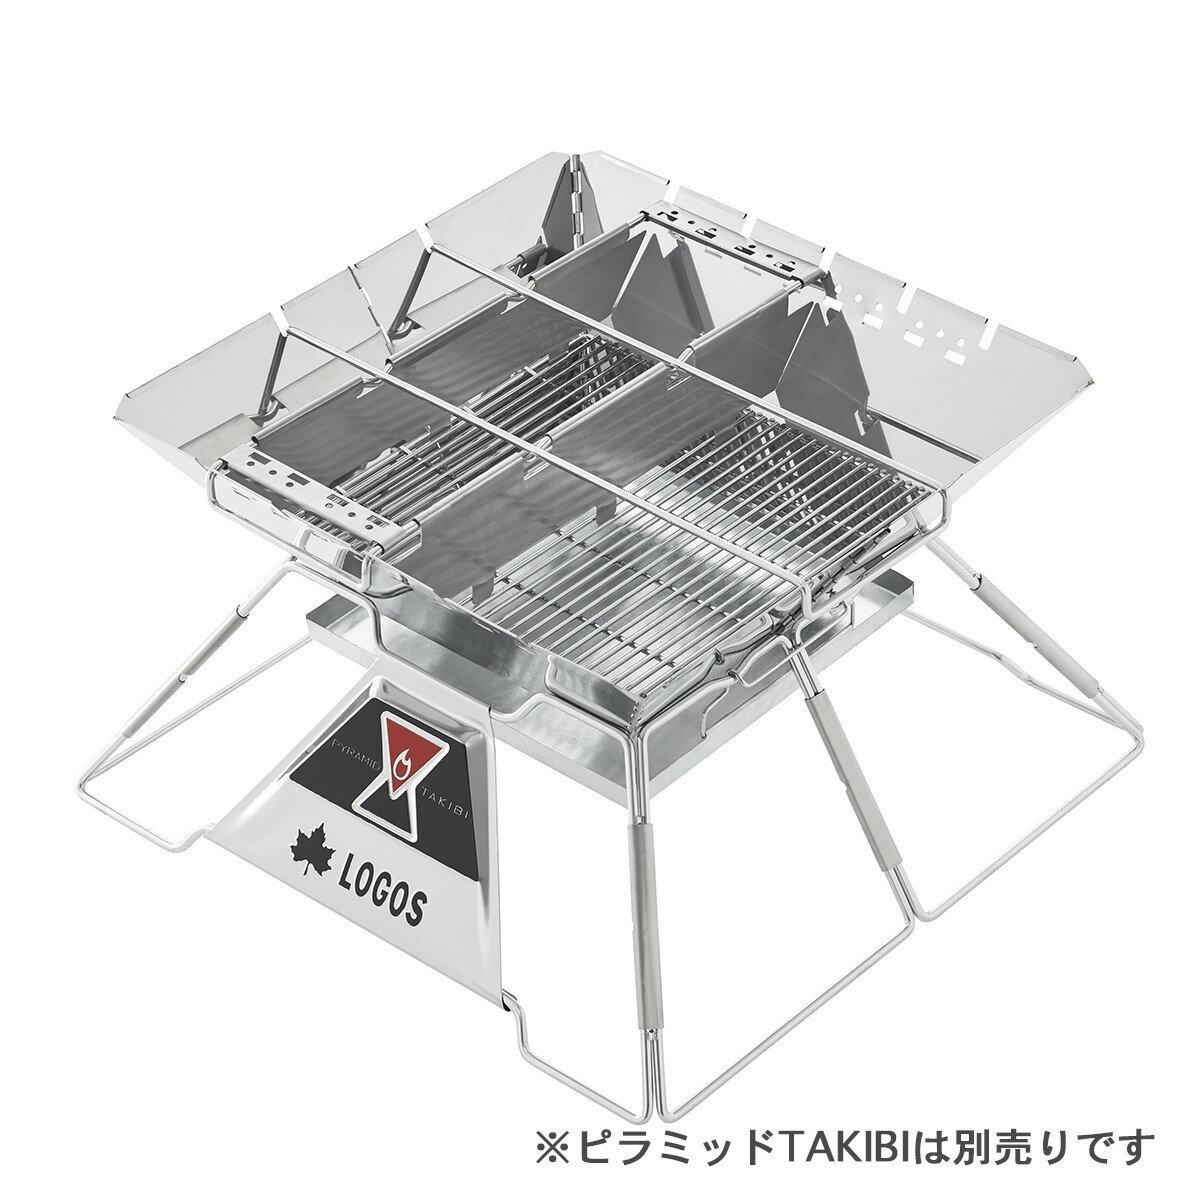 LOGOS/ロゴス チャコールデバイダーXL for ピラミッド(2pcs)ピラミッドTAKIBI XL専用